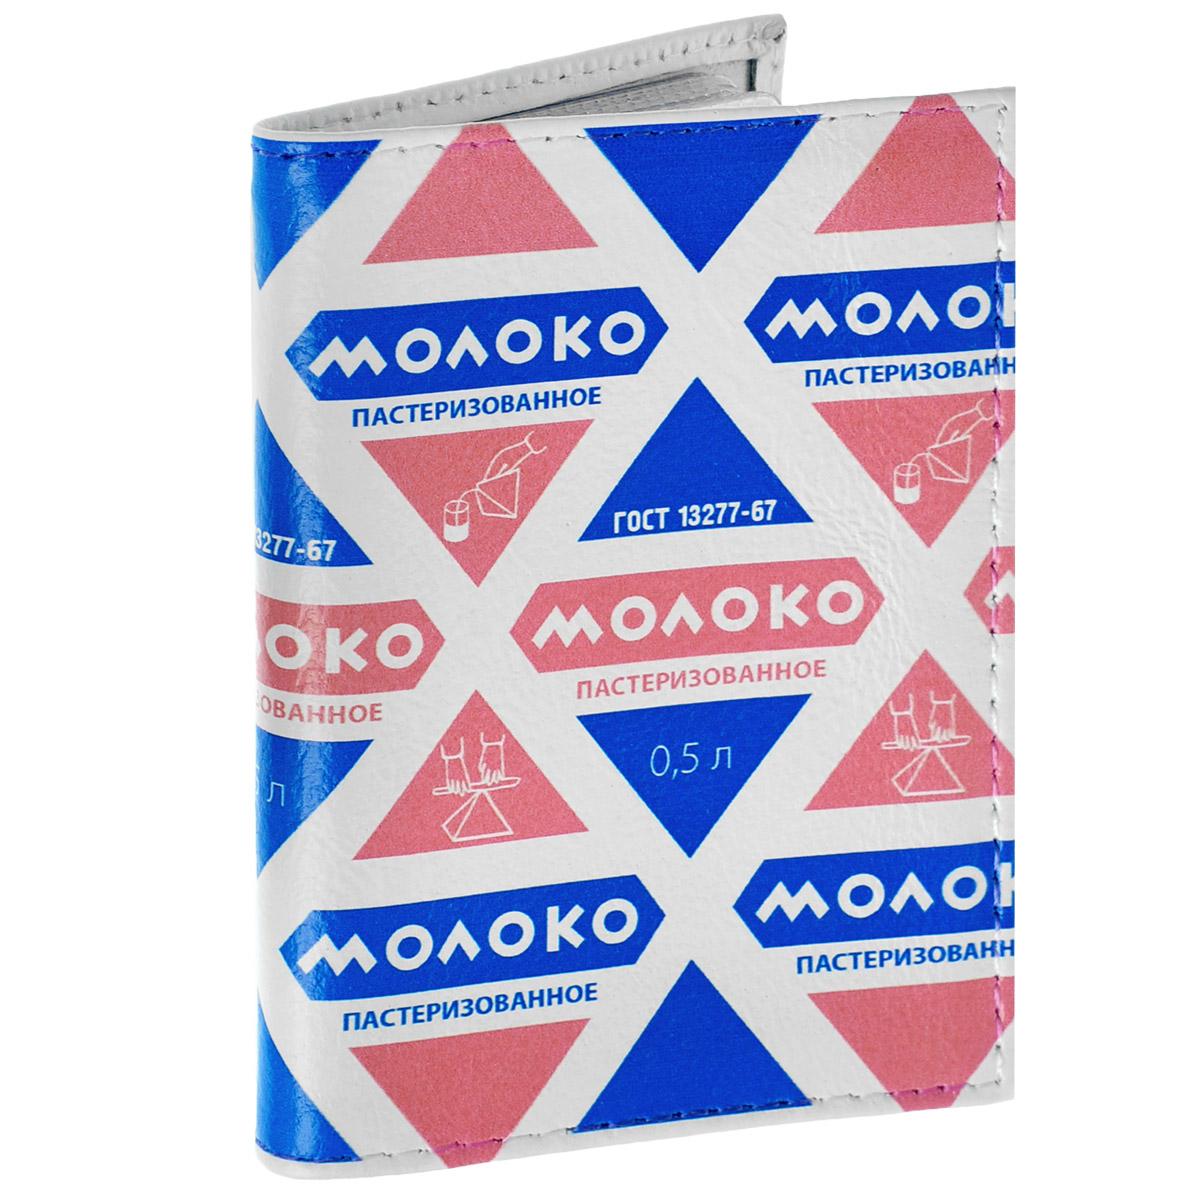 Обложка для автодокументов Молоко. AUTO288BV.8.BR синийОбложка для автодокументов Mitya Veselkov Молоко изготовлена из натуральной кожи и стилизована под упаковку из-под молока. На внутреннем развороте имеются съемный блок из шести прозрачных файлов из мягкого пластика для водительских документов, один из которых формата А5, а также два боковых кармашка для визиток или банковских карт.Стильная обложка не только поможет сохранить внешний вид ваших документов и защитит их отгрязи и пыли, но и станет аксессуаром, который подчеркнет вашу яркую индивидуальность.